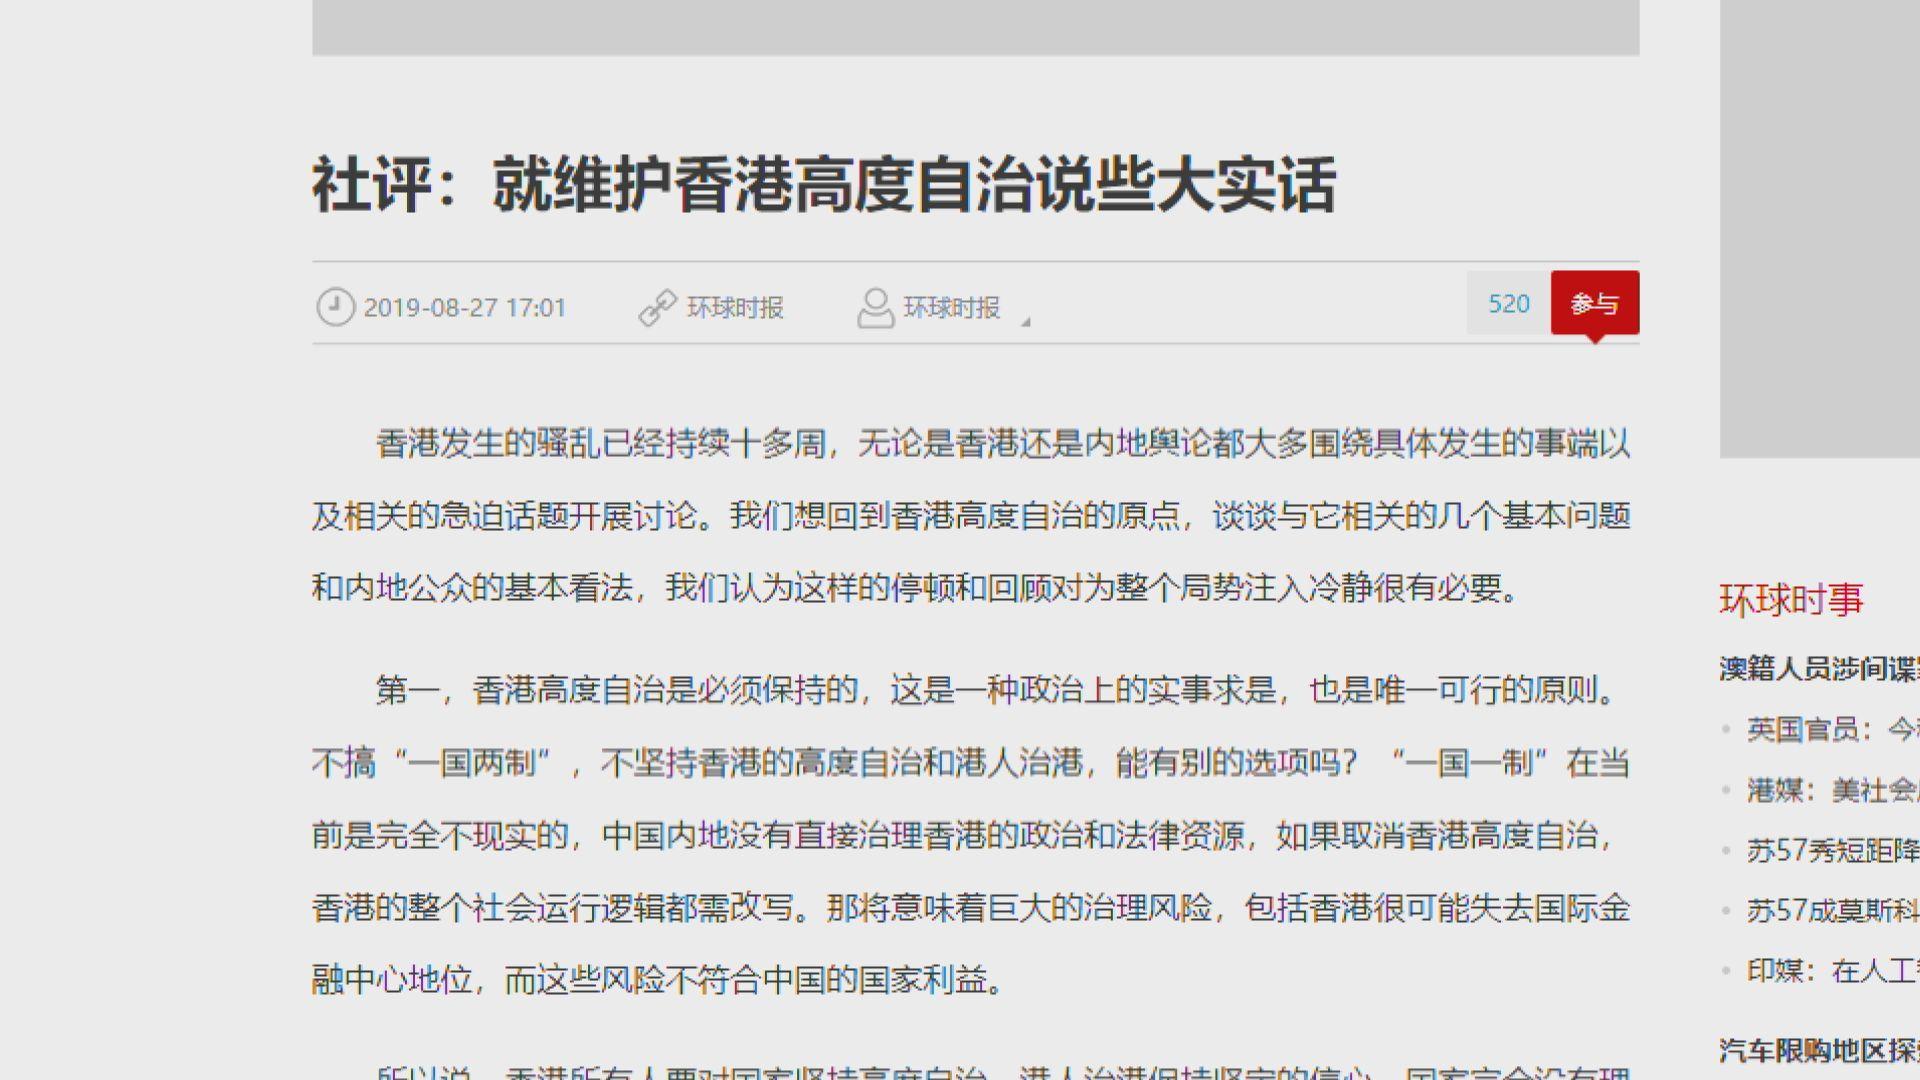 環時社評:香港保持高度自治是唯一可行原則